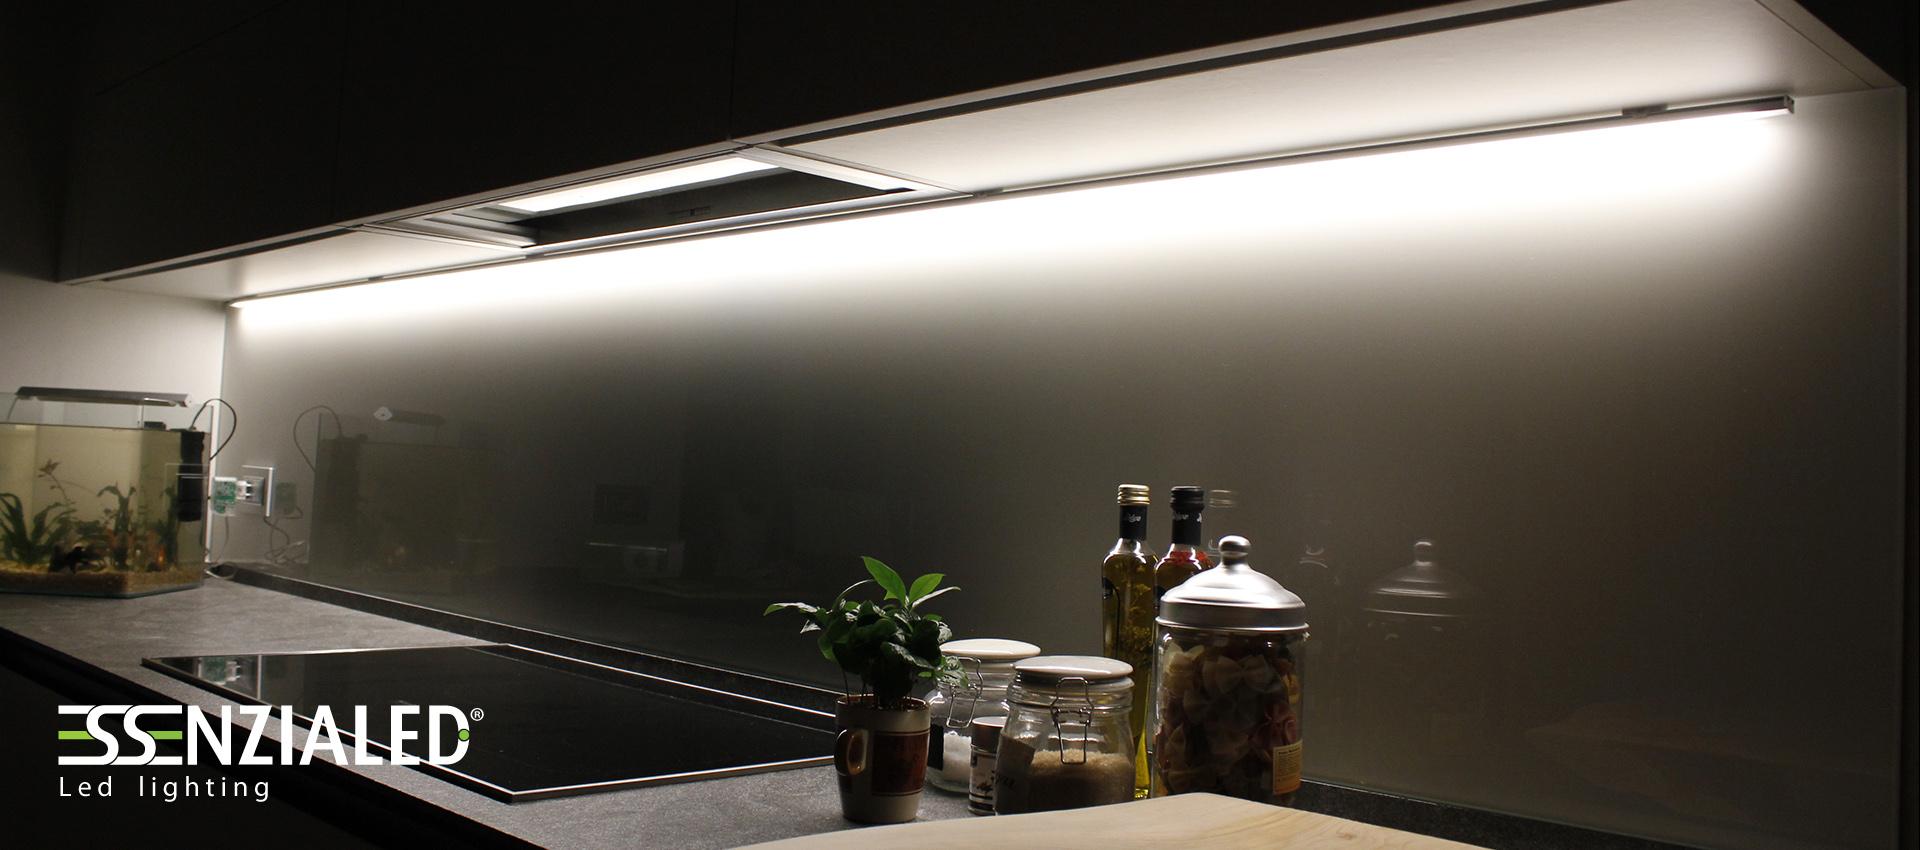 Alu h led per mobili certificati ul made in italyessenzialed illuminazione a led - Illuminazione sottopensile cucina ...